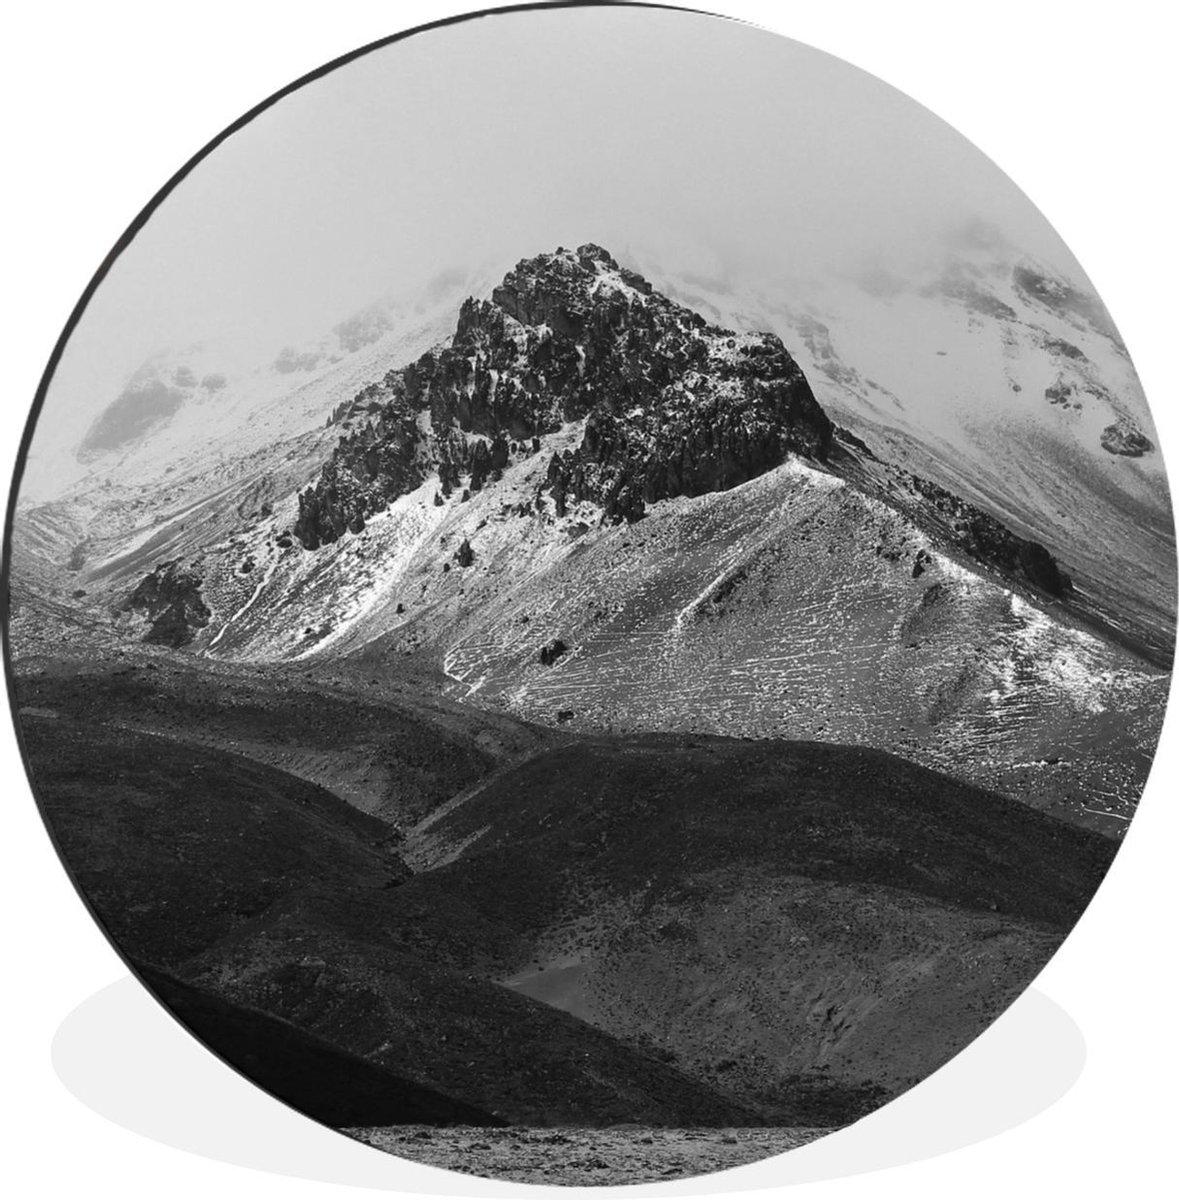 WandcirkelEcuador aluminium - Chimborazo vulkaan in Ecuador - zwart-wit -   30 cm - rond schilderij - fotoprint op aluminium / dibond / muurcirkel / wooncirkel / tuincirkel (wanddecoratie)